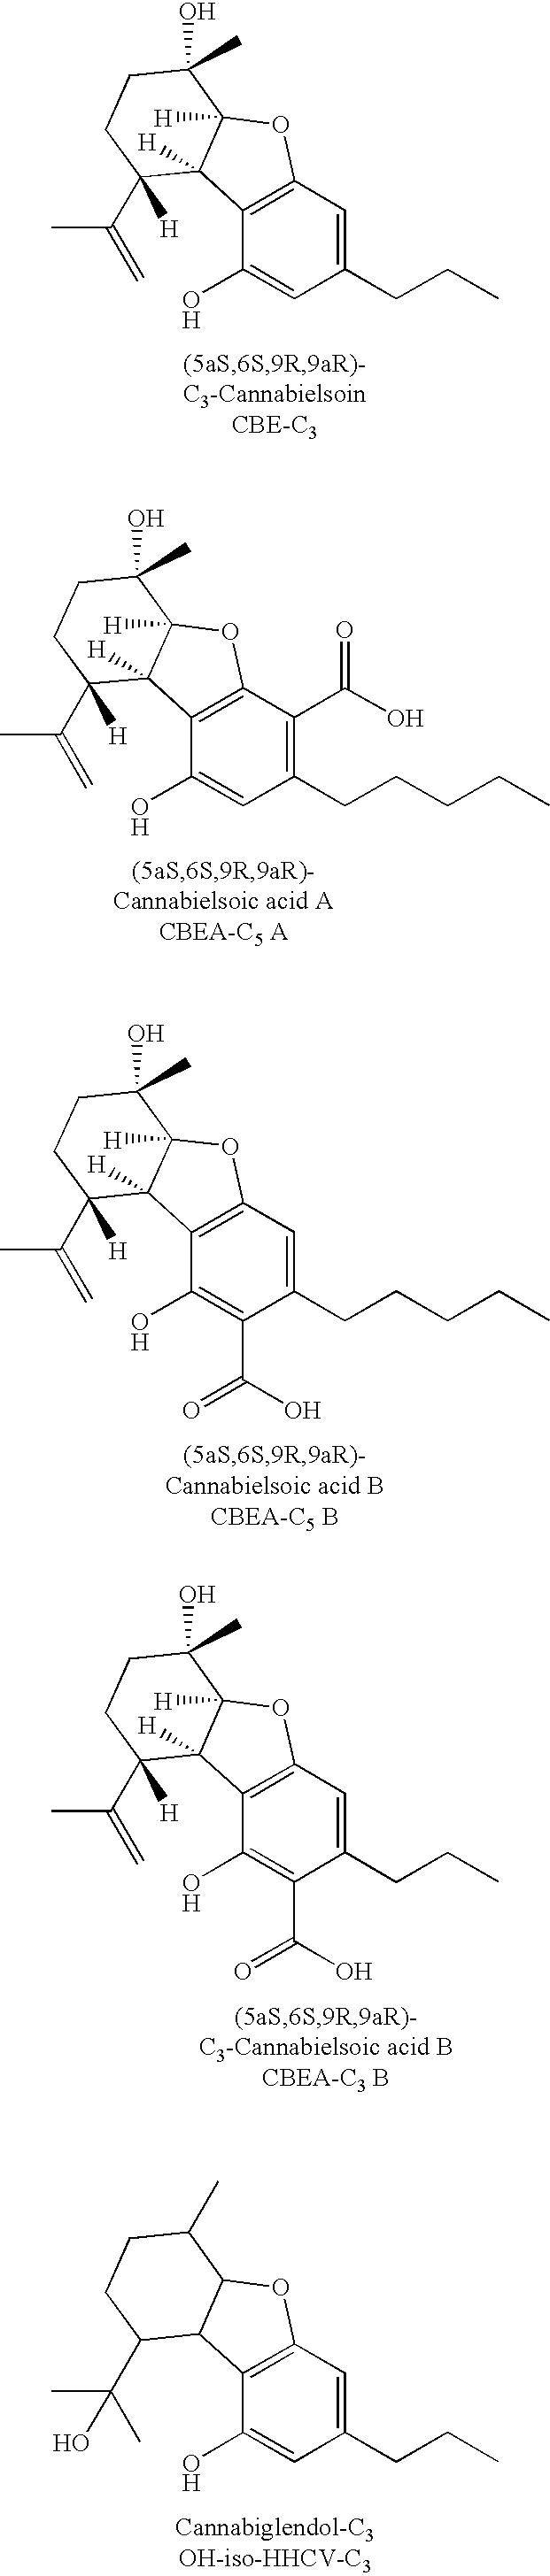 Figure US09084771-20150721-C00033